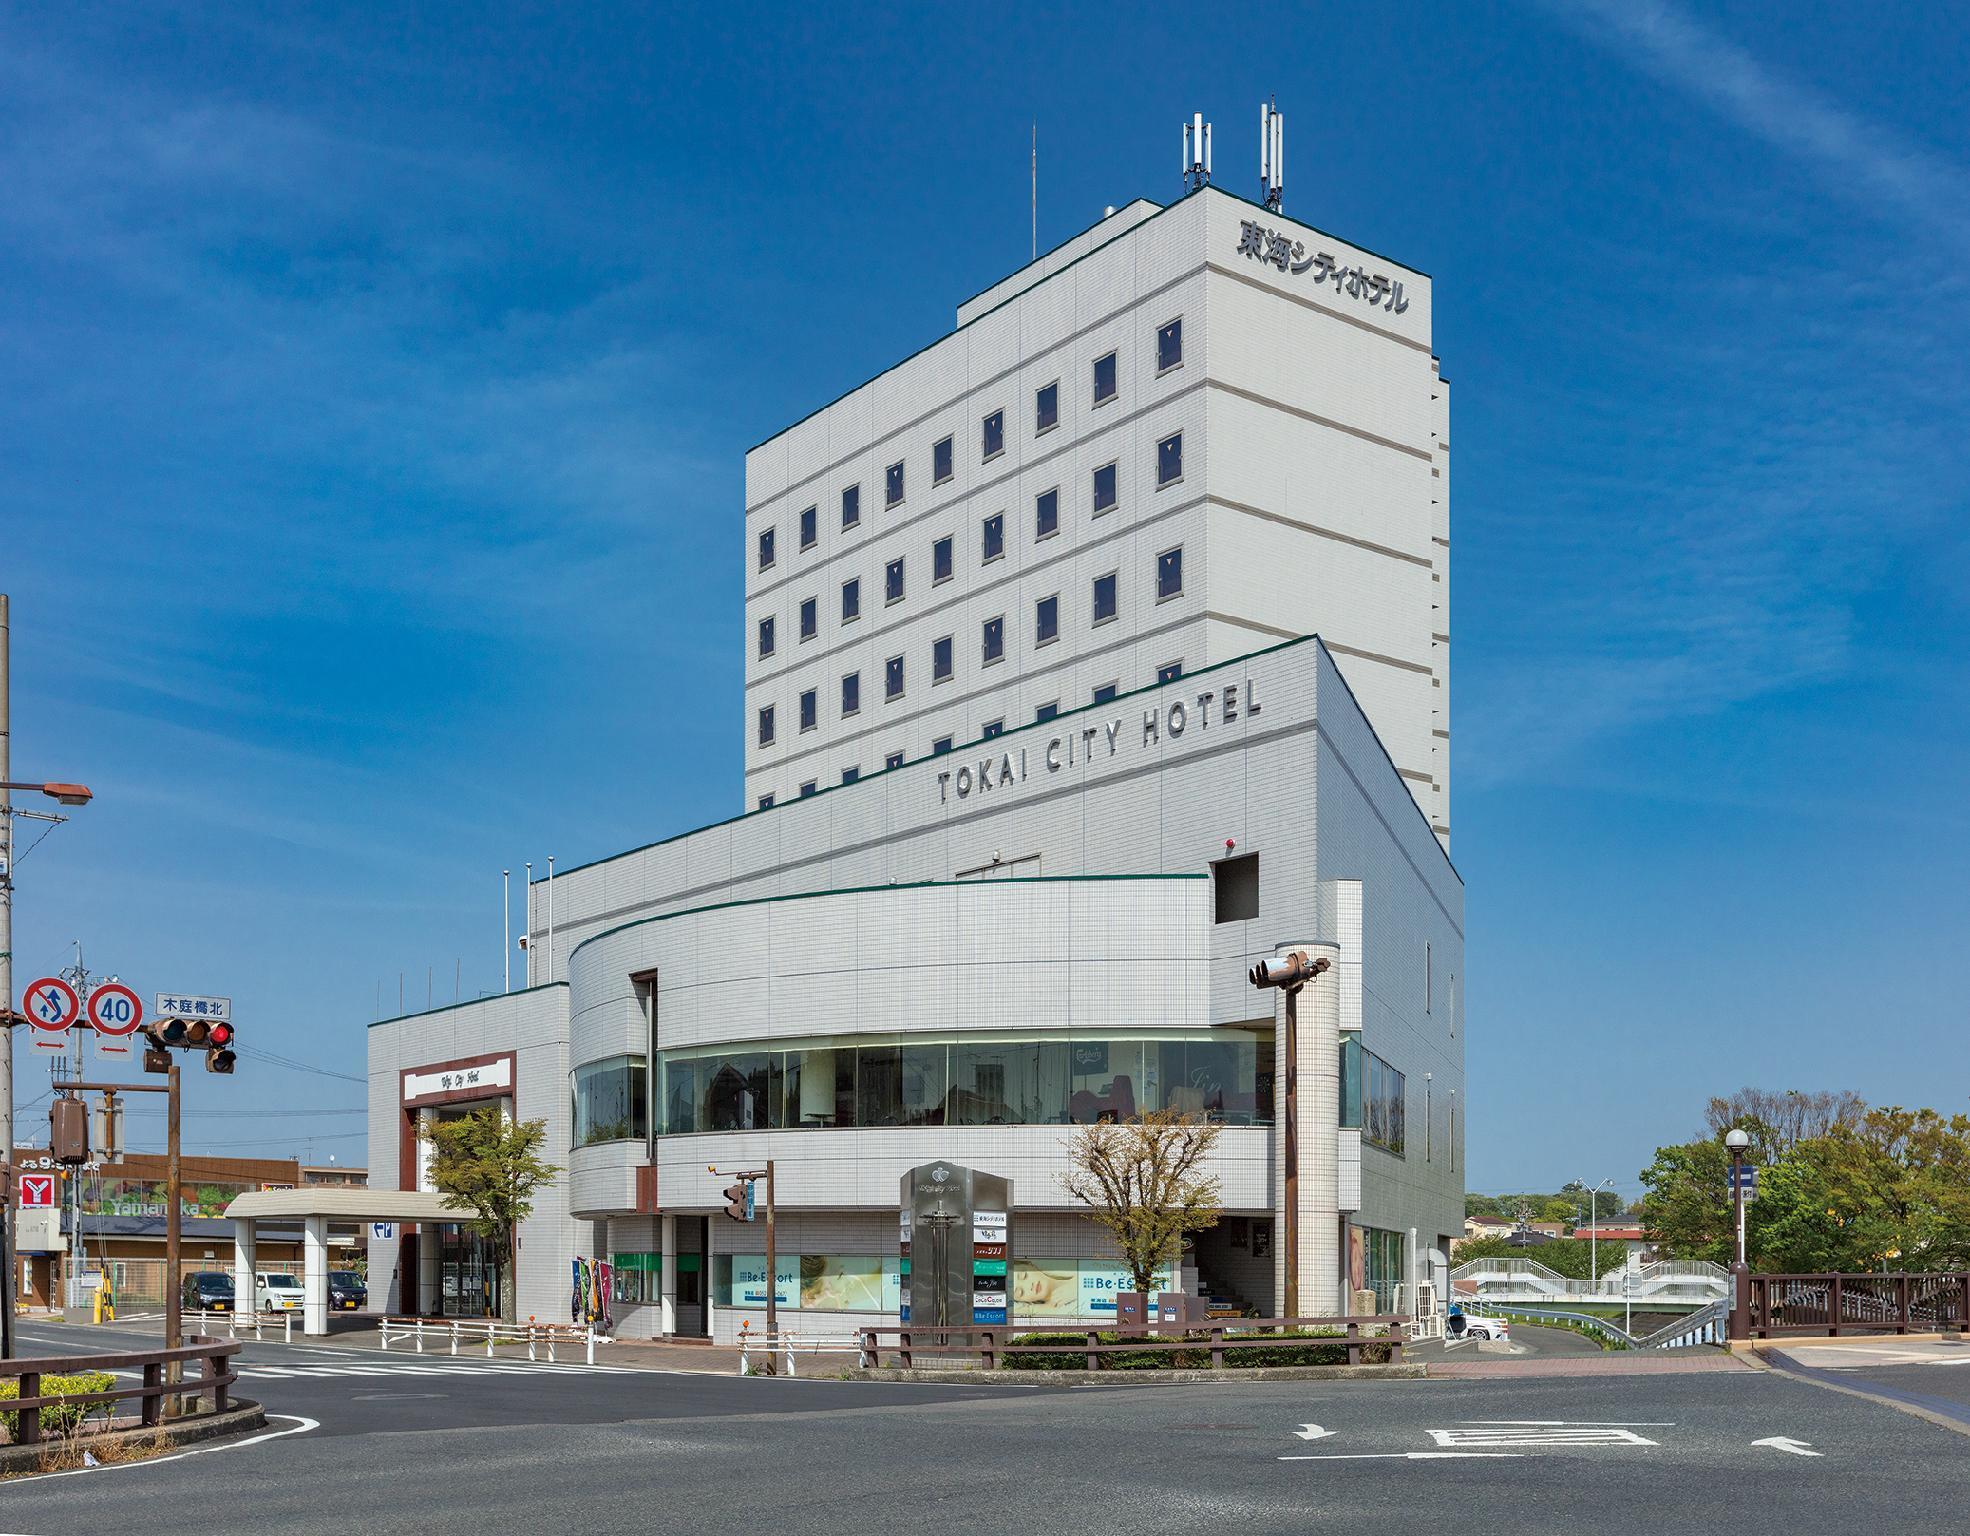 Tokai City Hotel, Tōkai